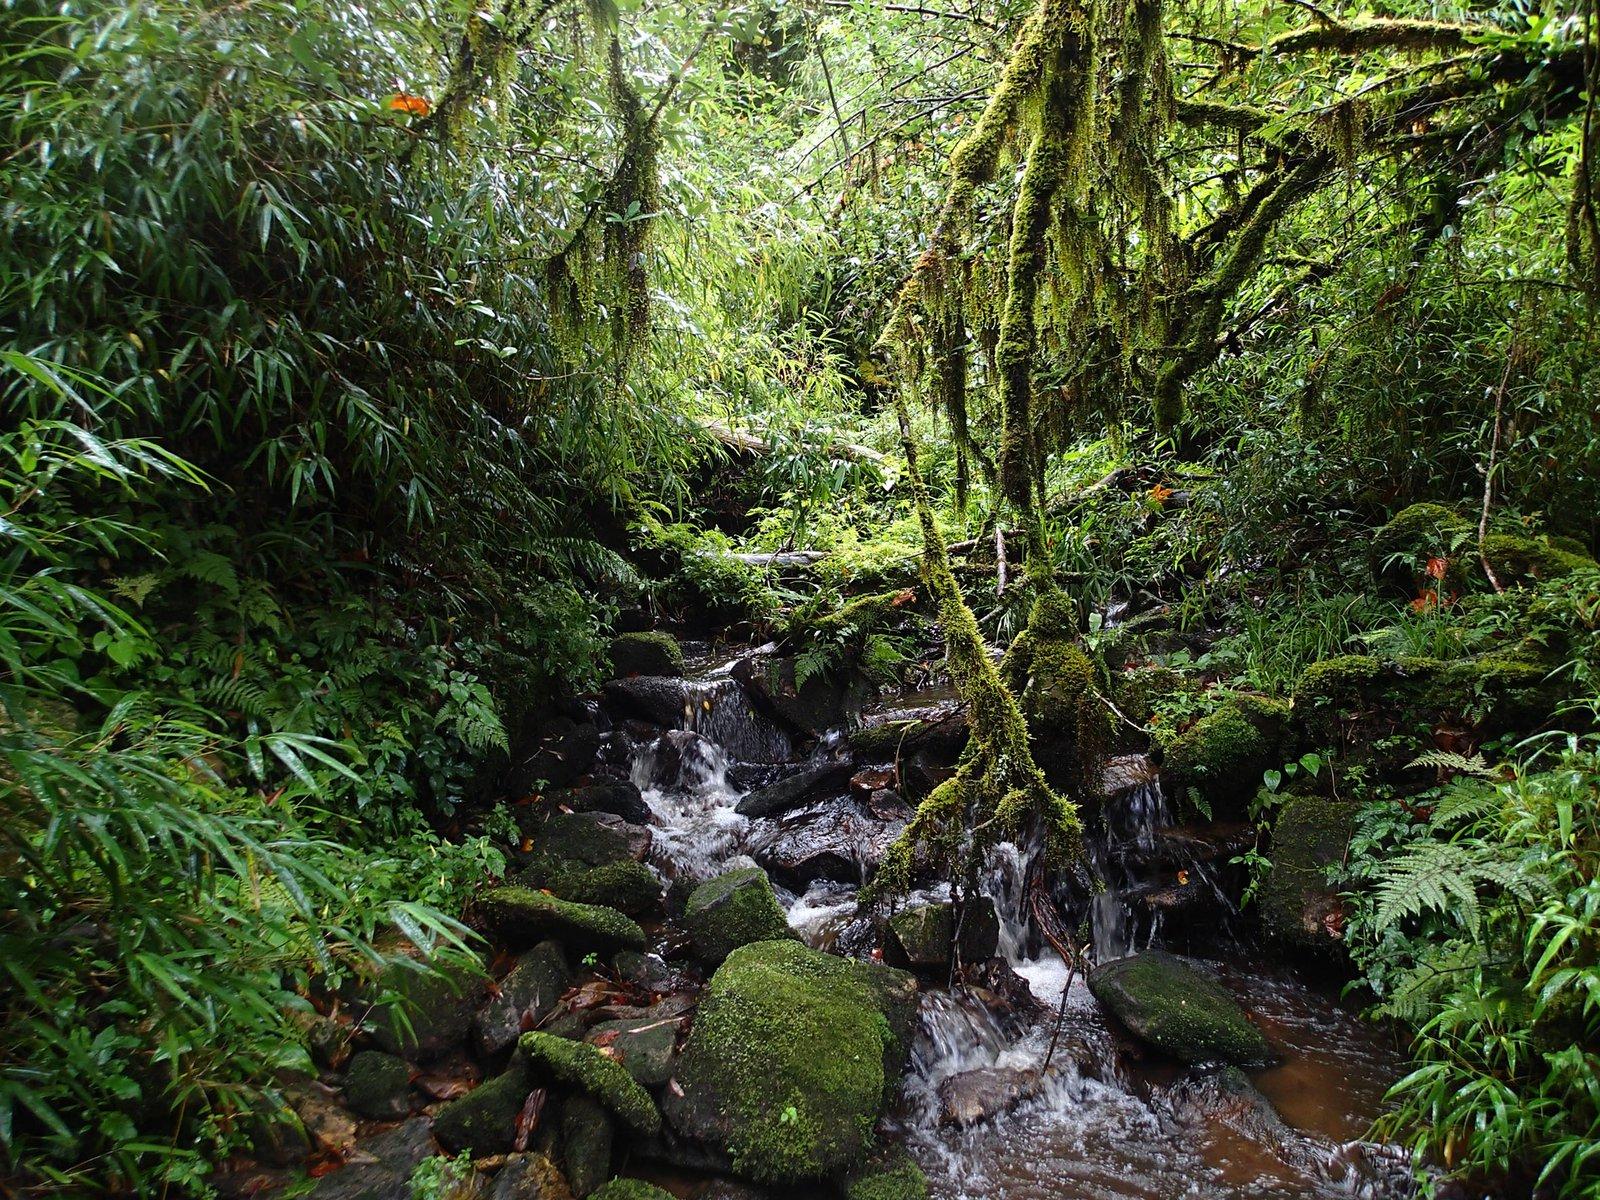 Habitat of the Mount Ky Quan San Horned Frog (Megophrys frigida).